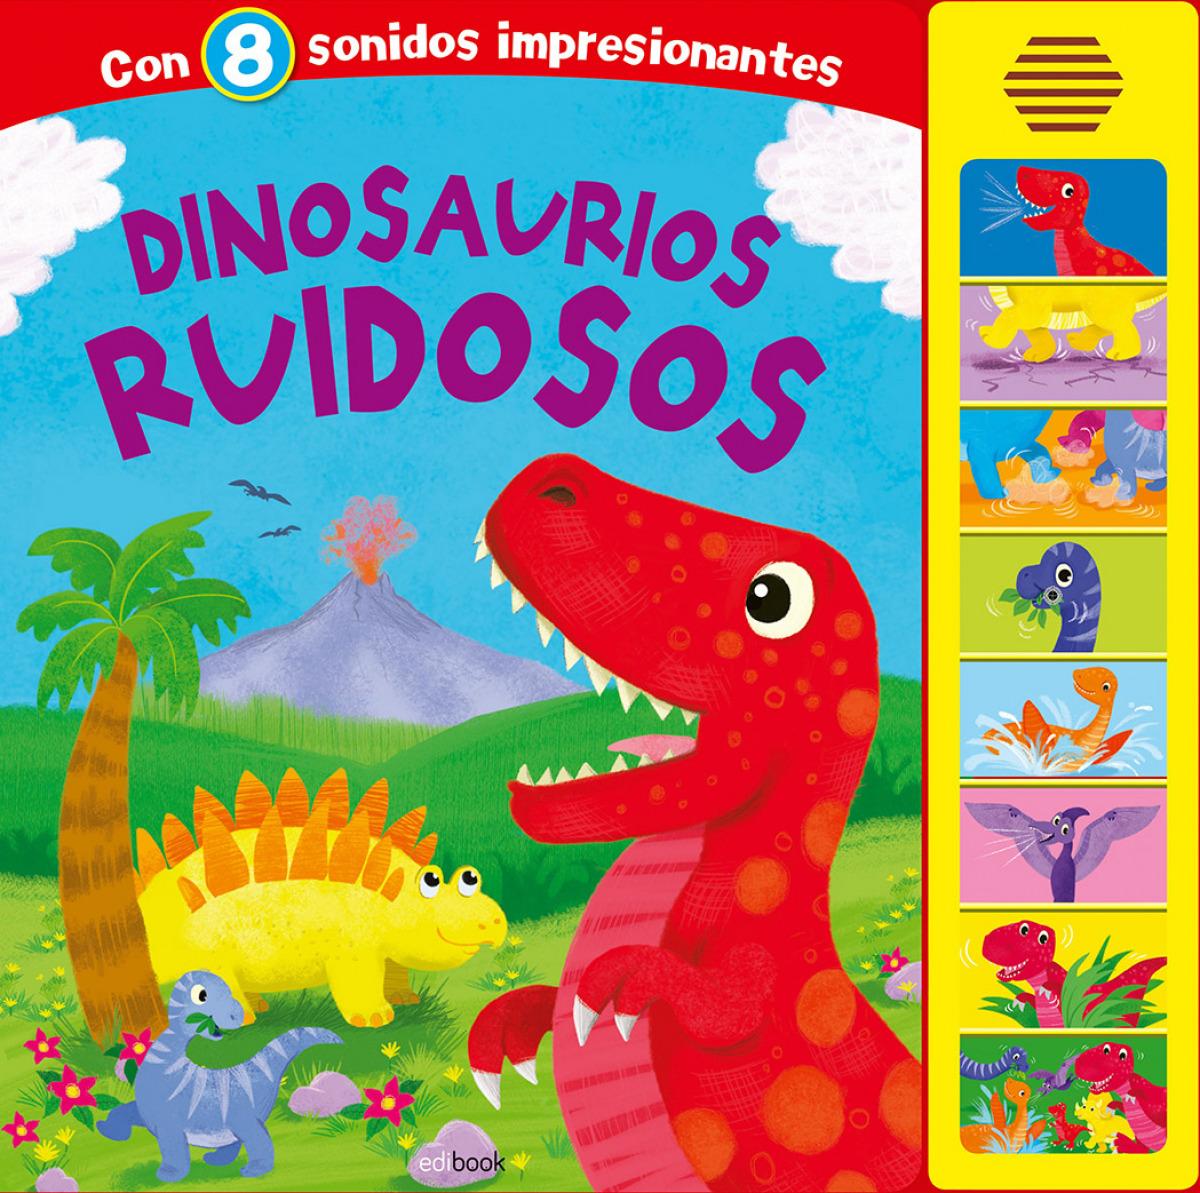 DINOSAURIOS RUIDOSOS - LIBRO SONORO